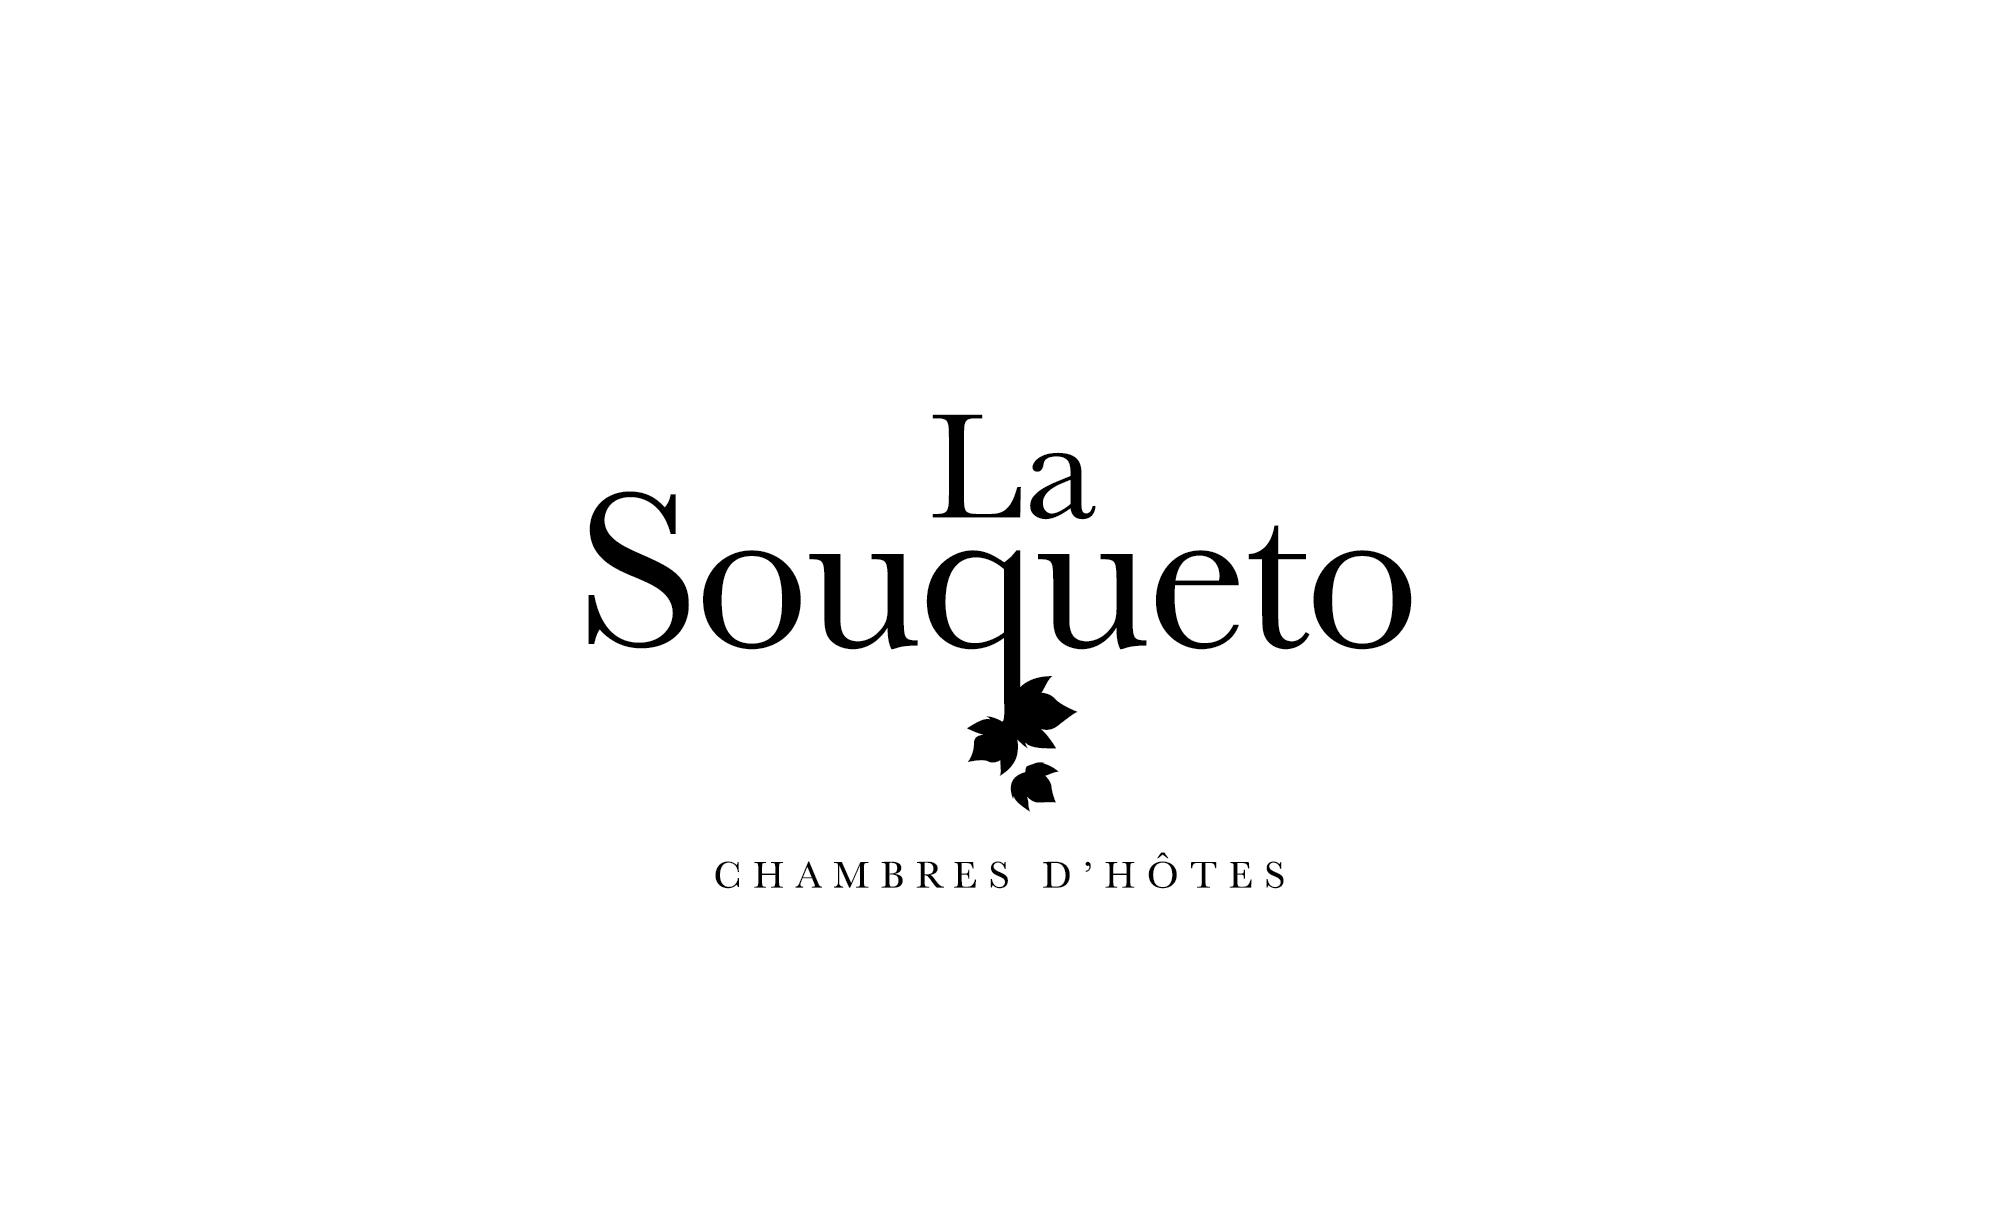 La Souqueto